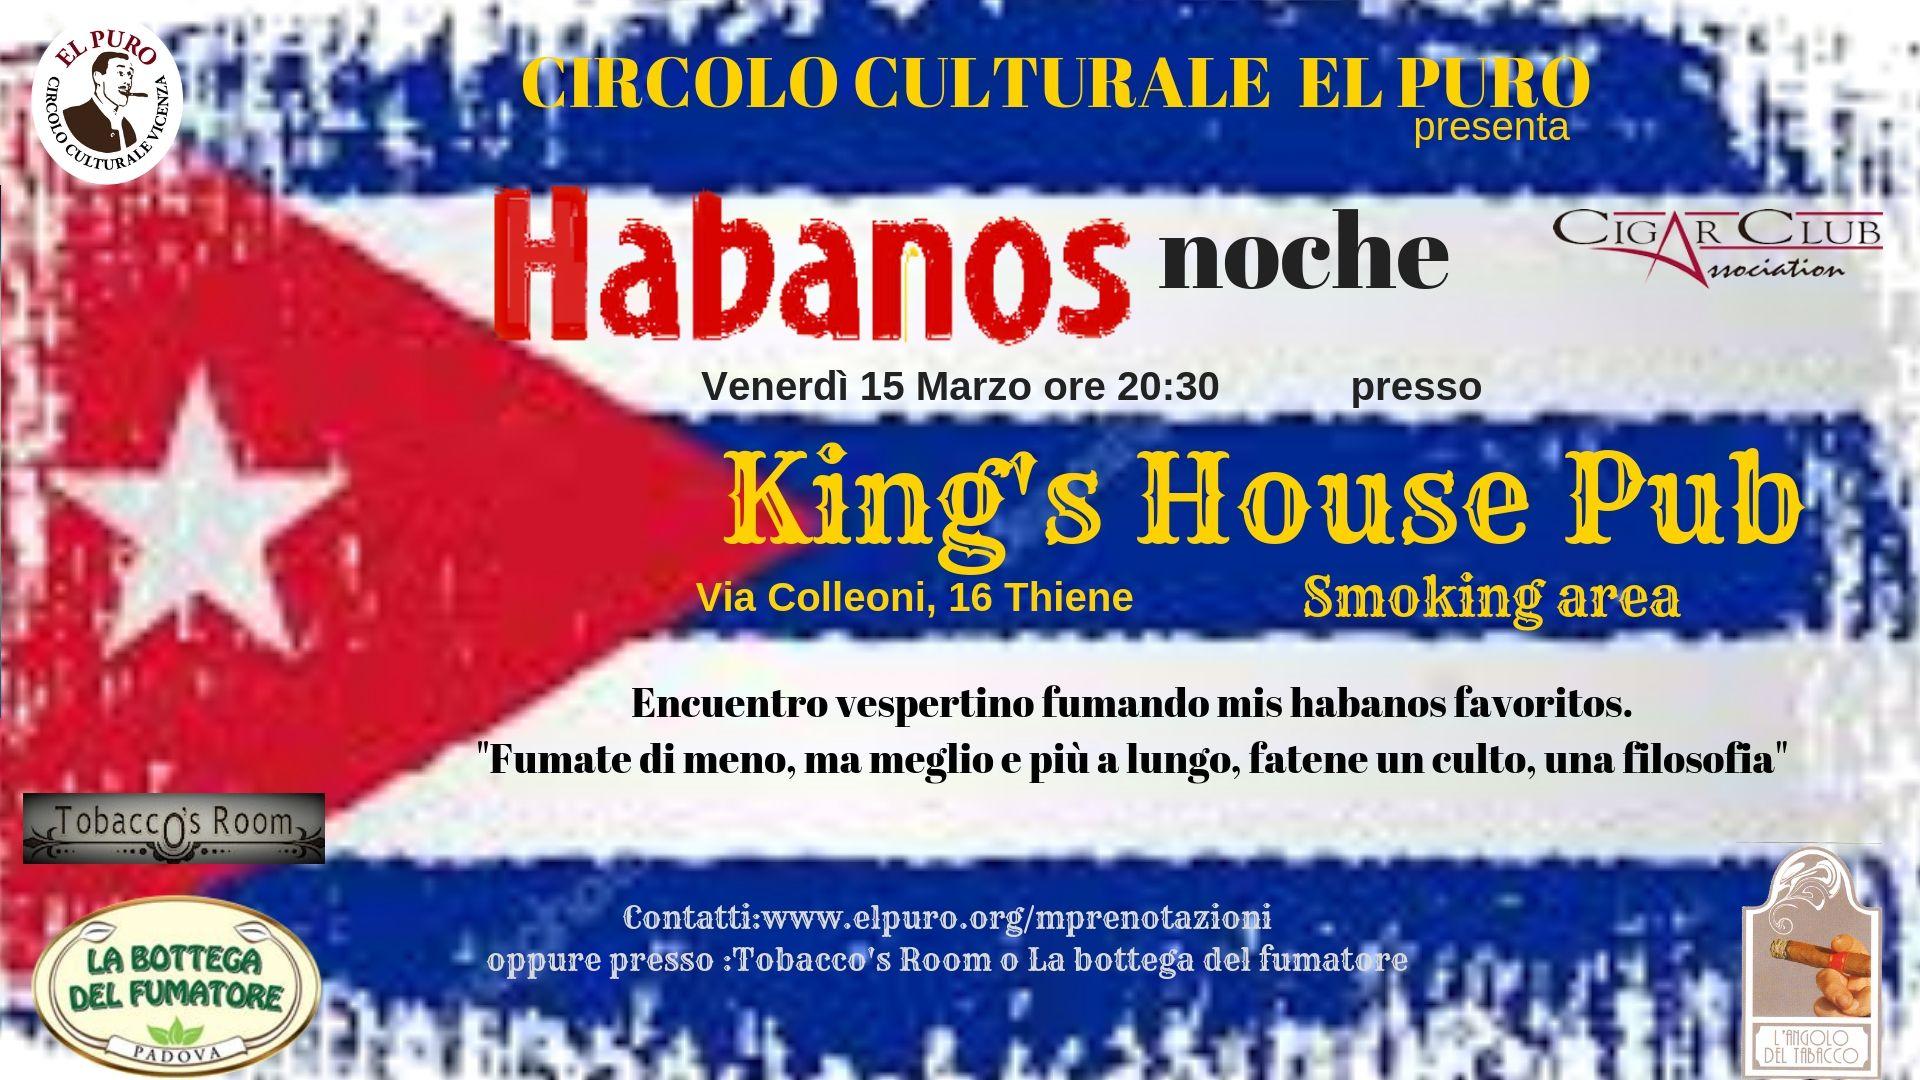 HABANOS NOCHE